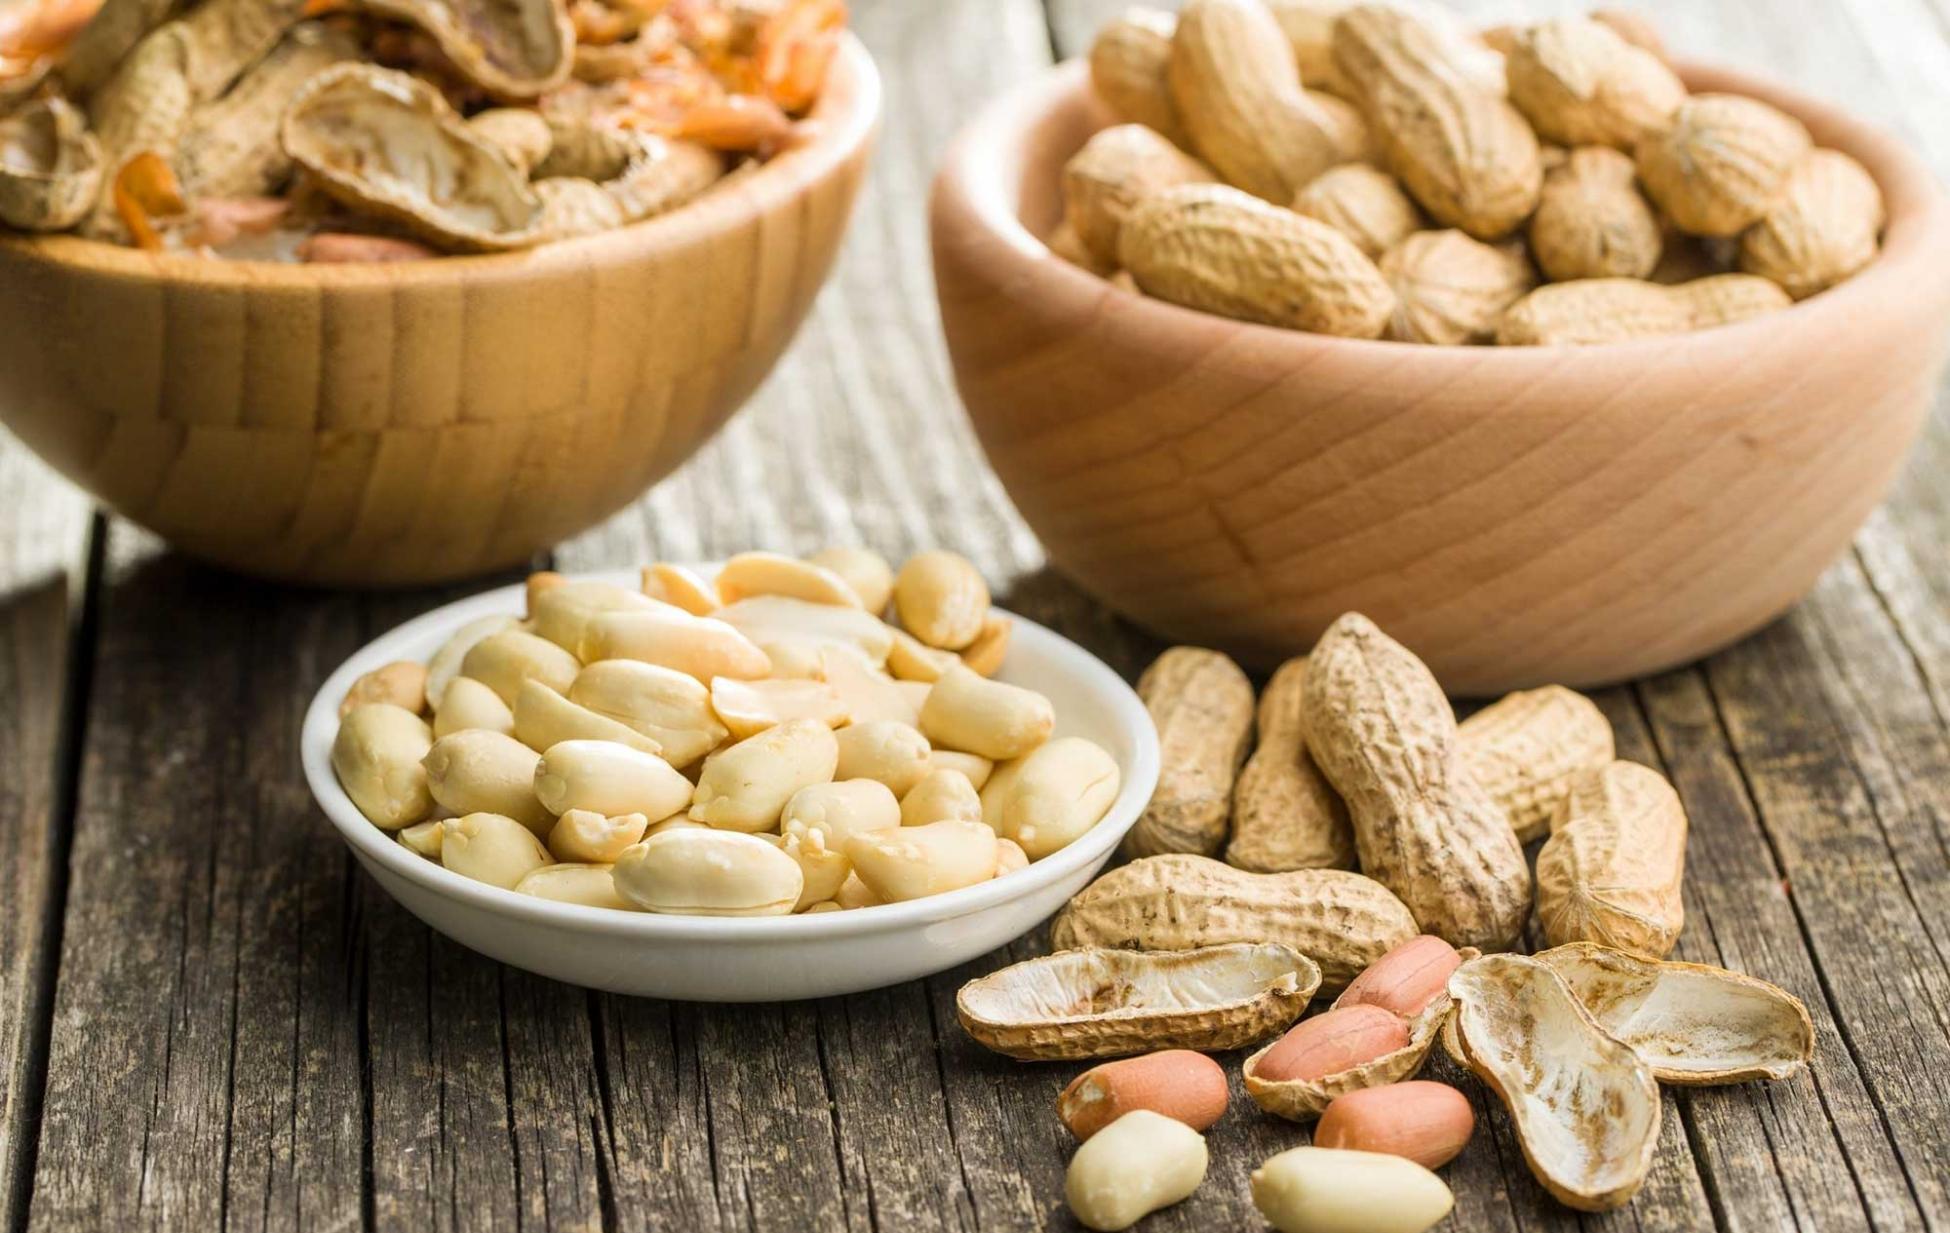 亚洲人吃花生发生缺血性中风或心血管疾病事件的风险较低